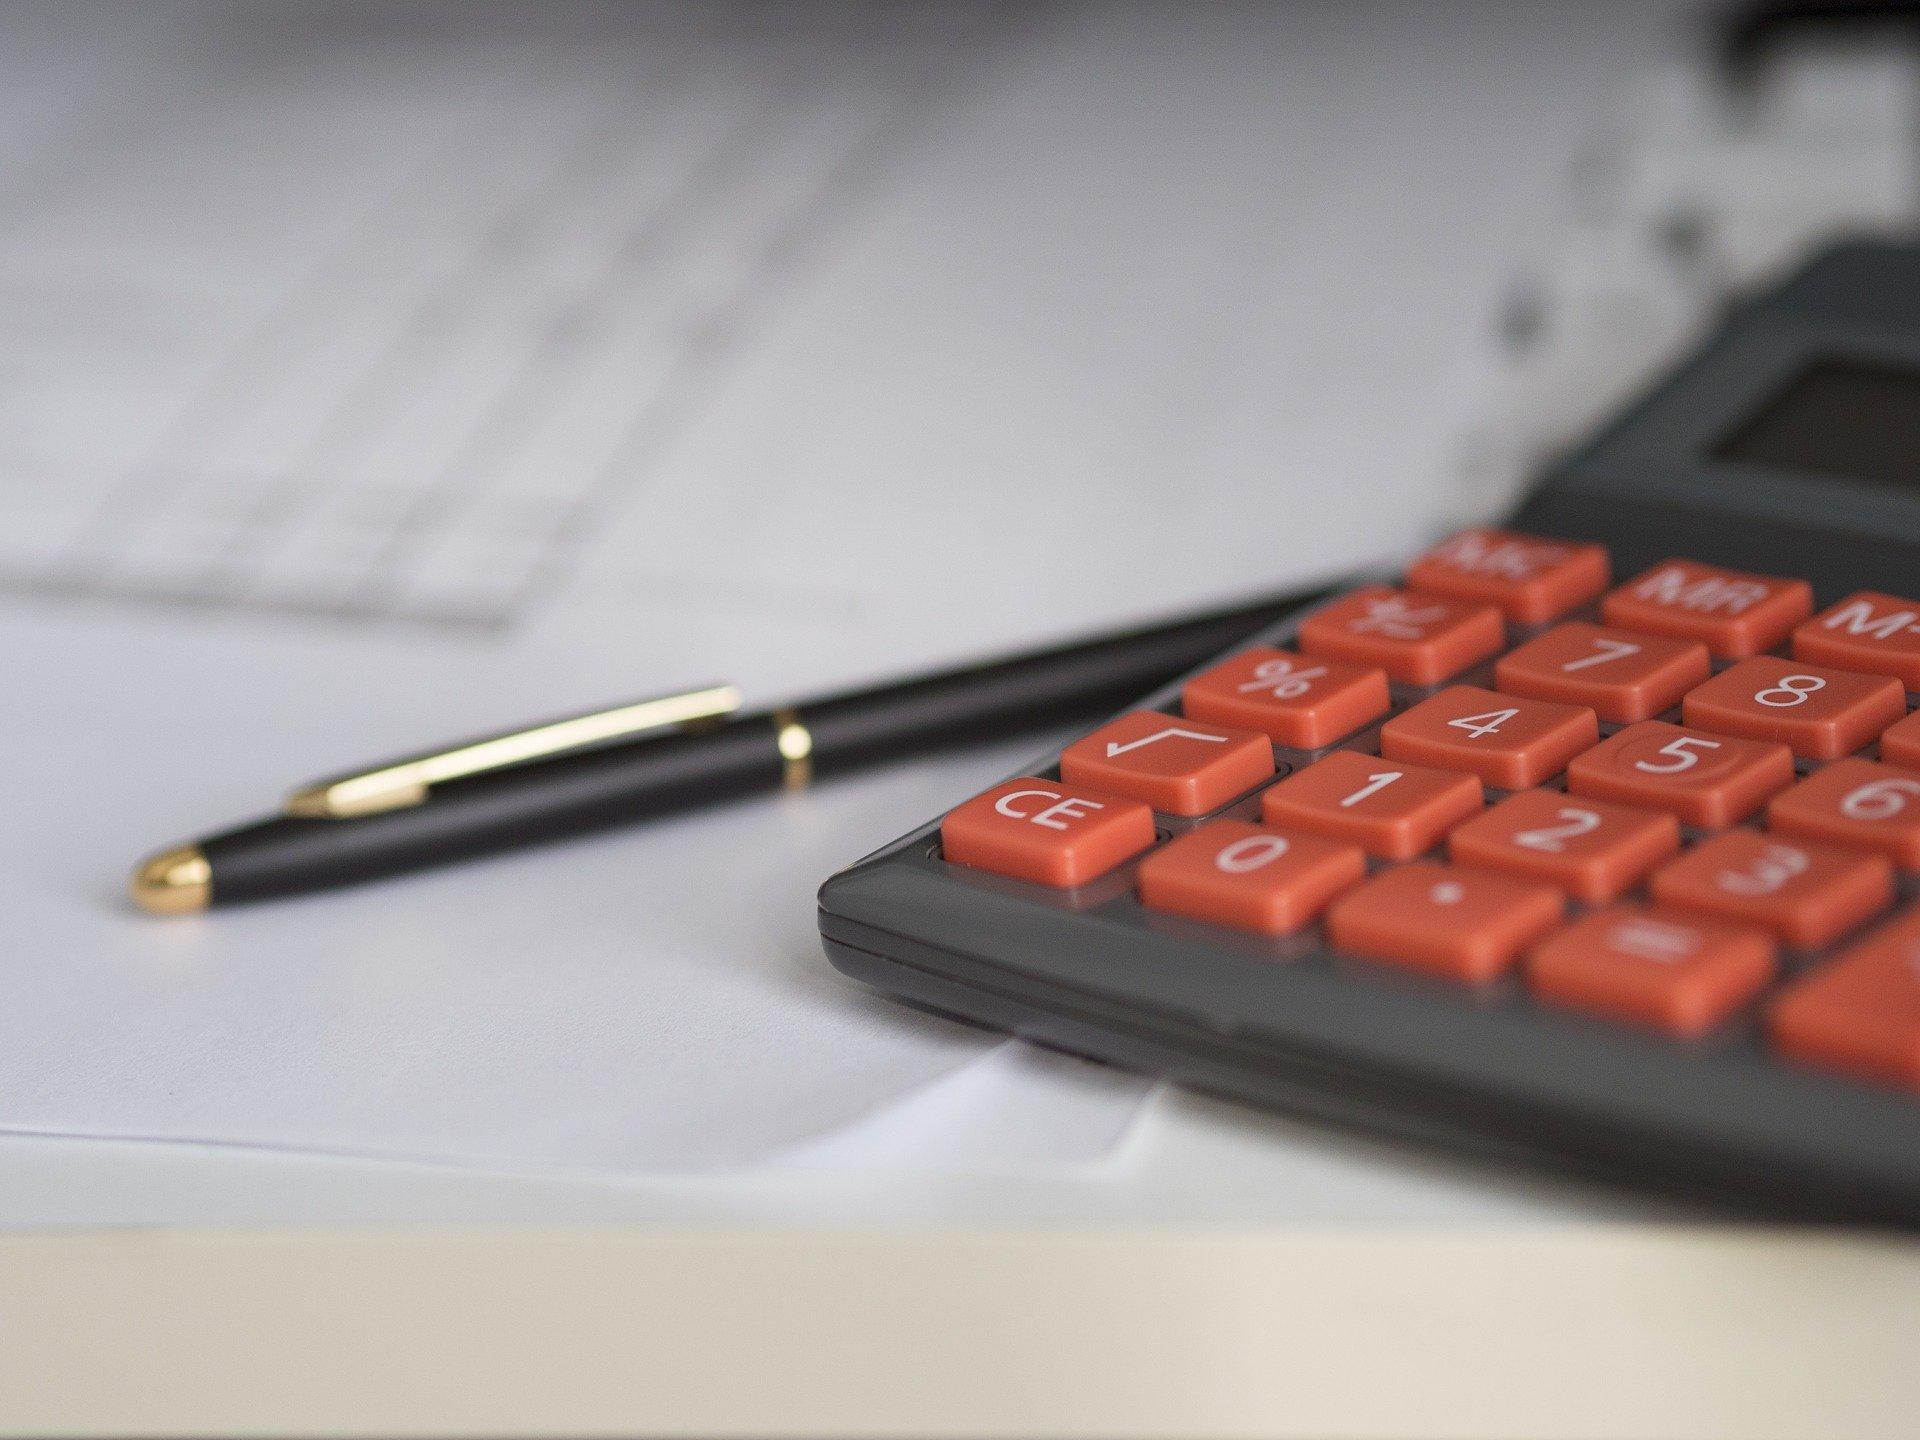 Twój e-PIT - od 15 lutego można składać zeznanie podatkowe za 2020 r.